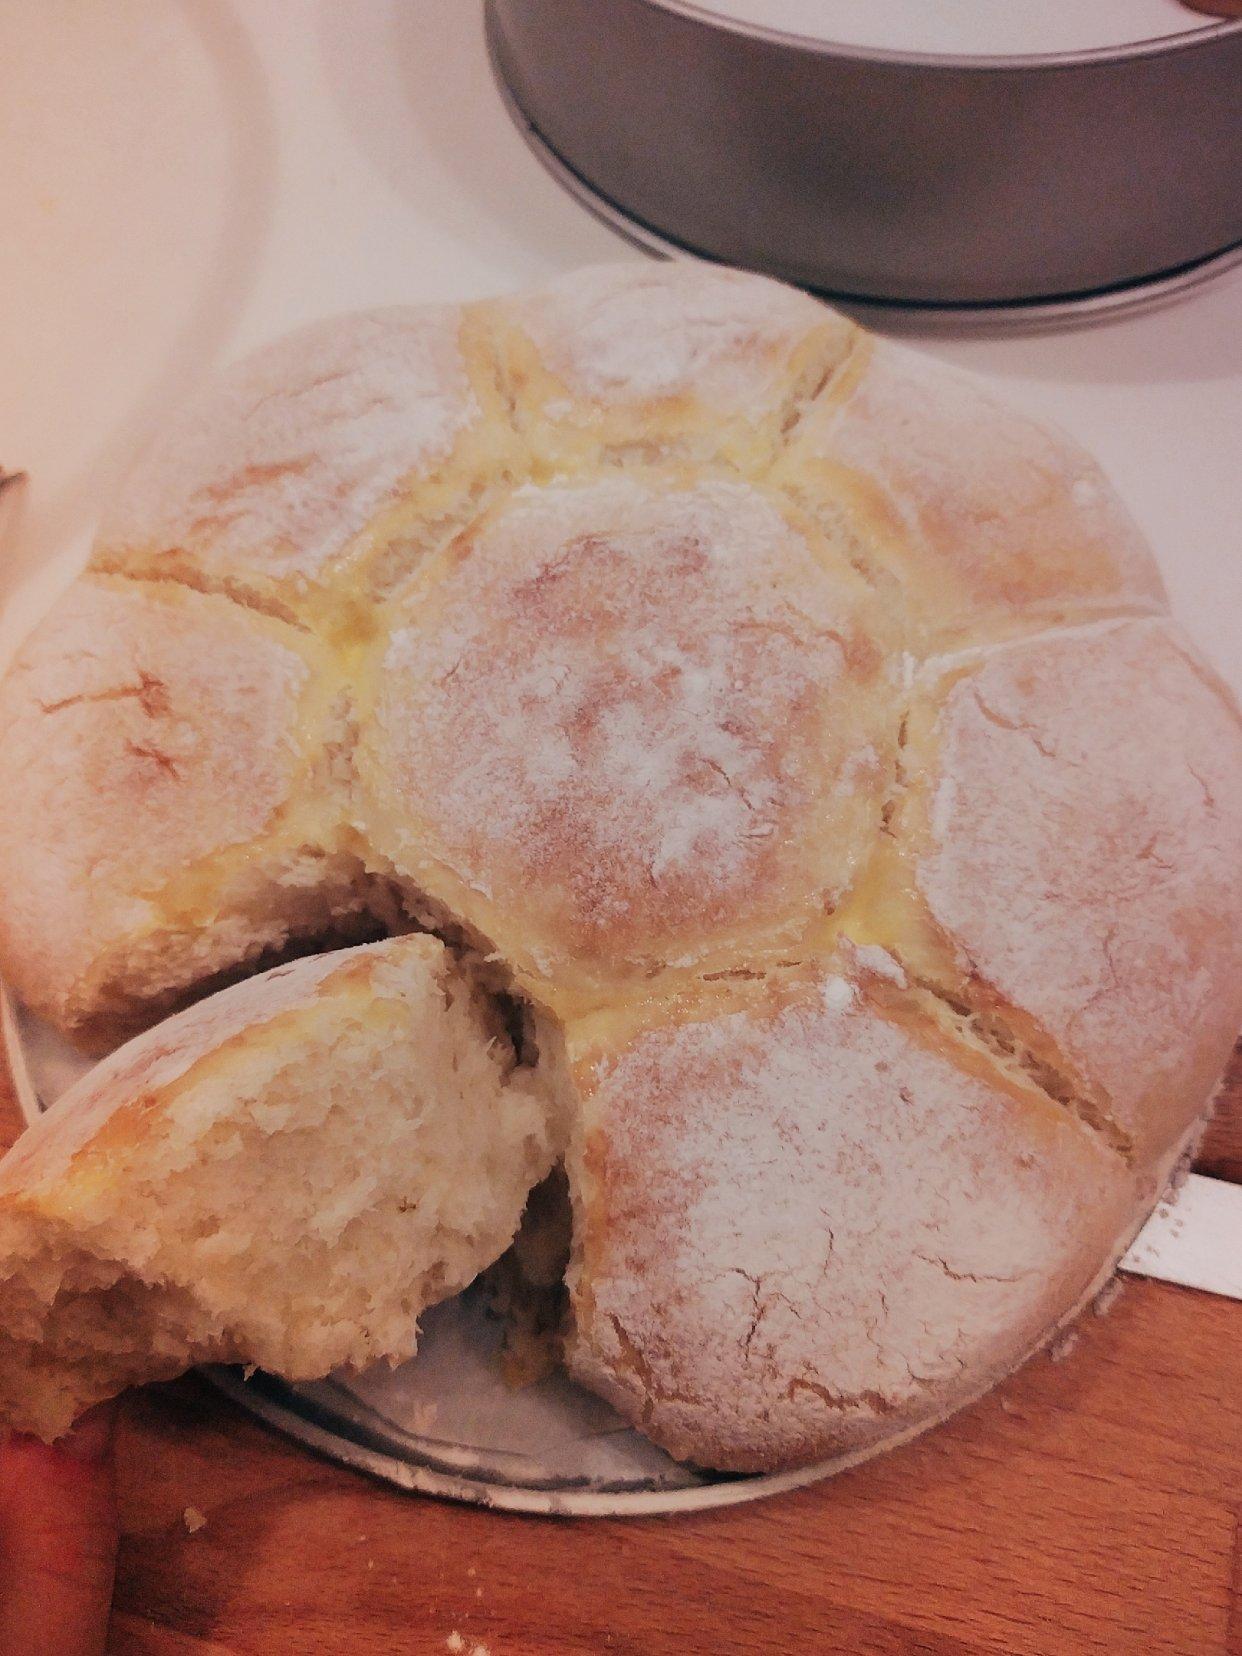 美食打卡day5:早餐来个轻乳酪面包吧